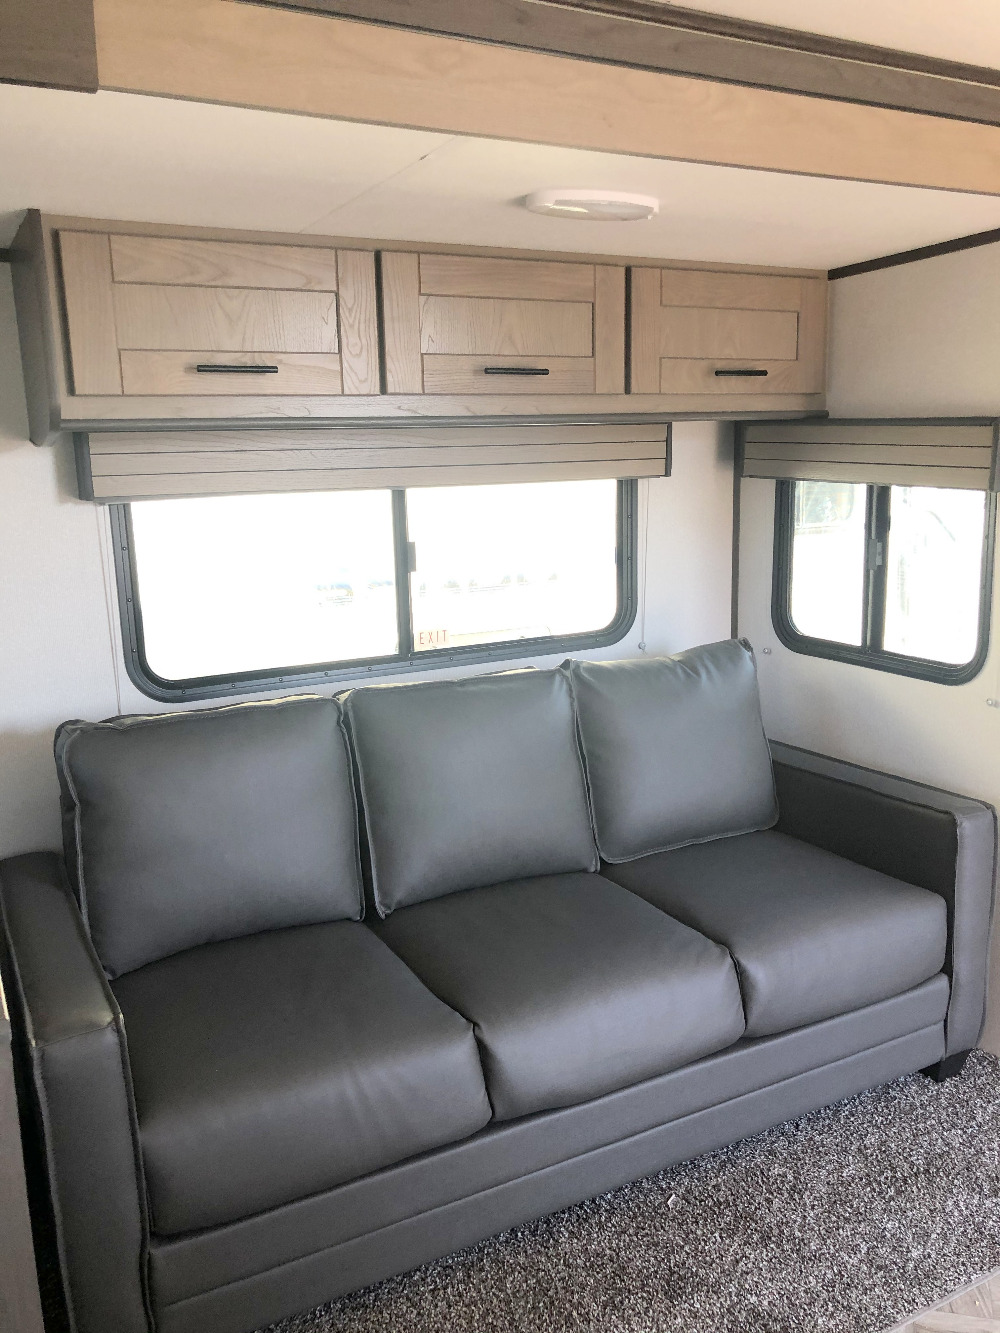 2021 Cruiser RV id280qbs